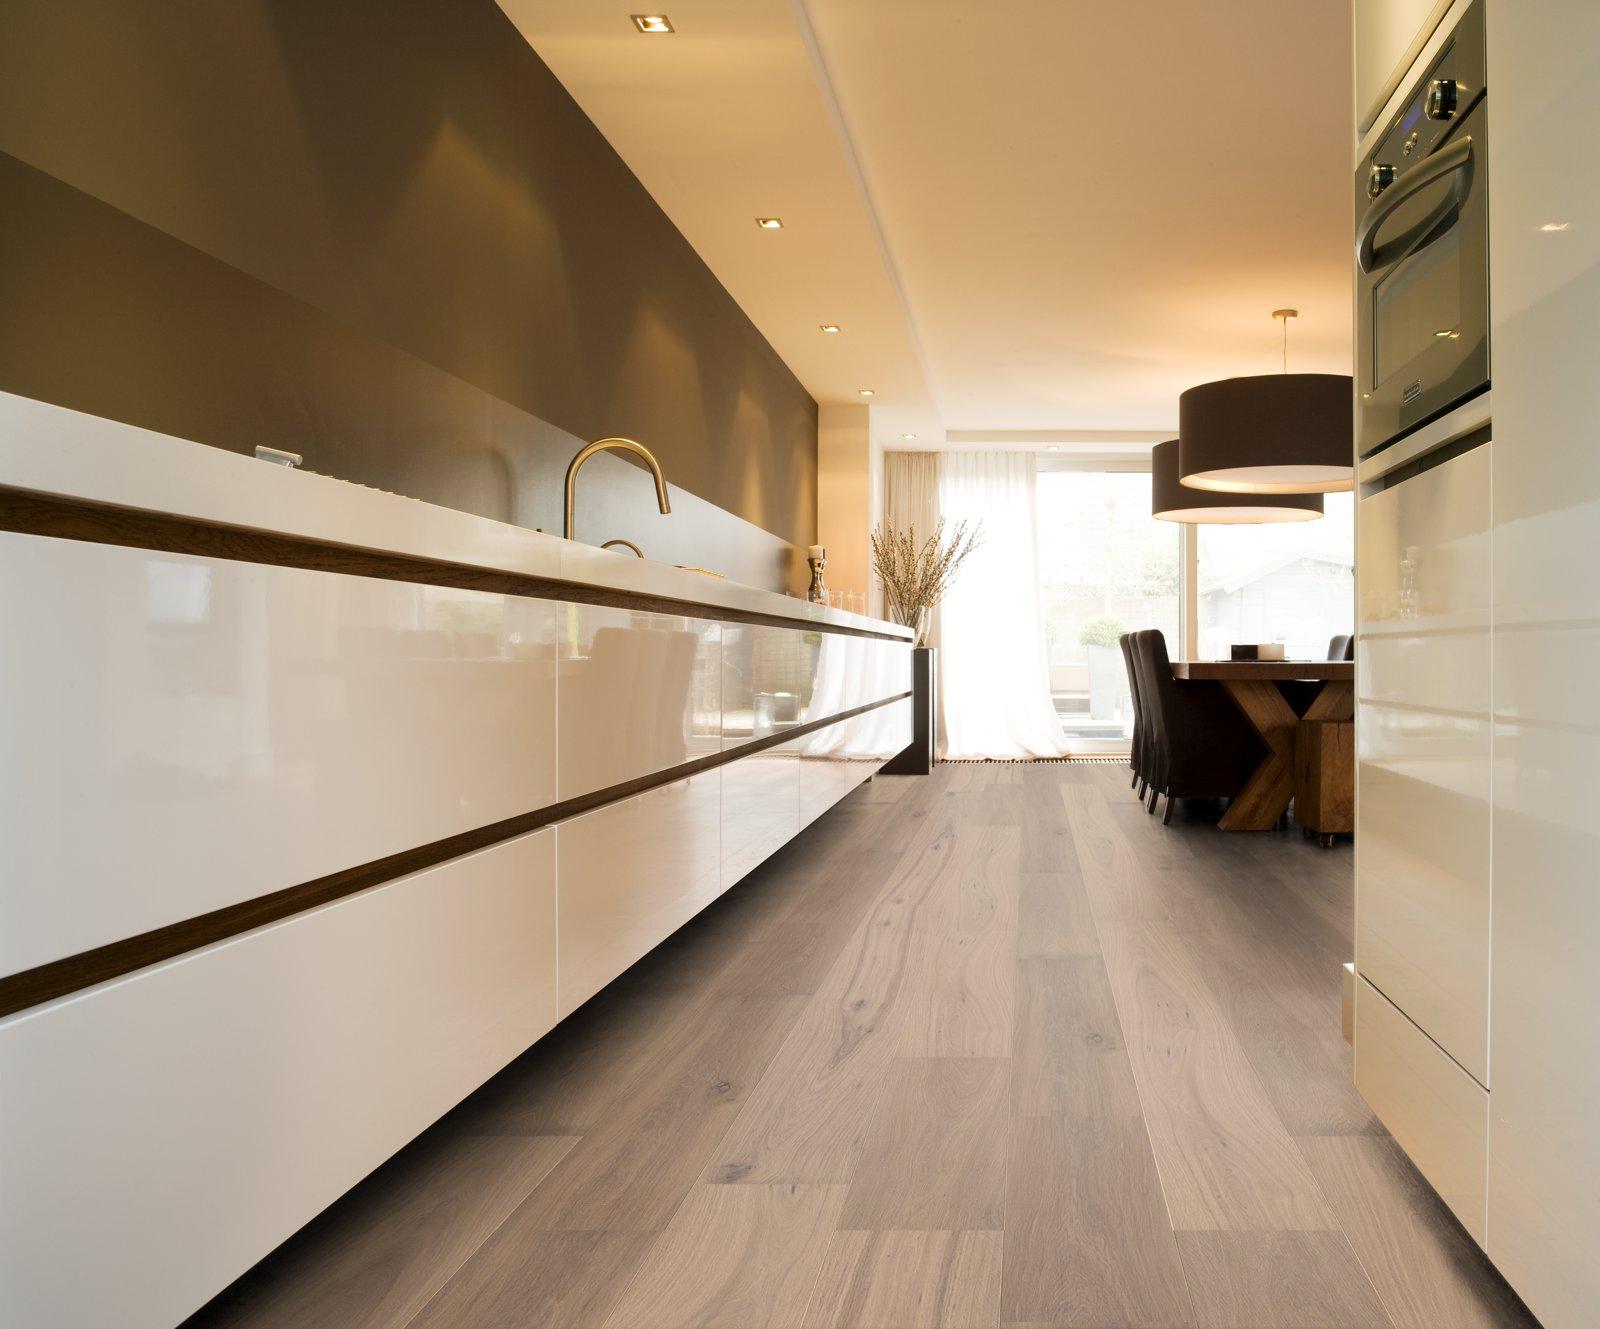 Witte Keuken Houten Vloer : Een houten vloer in de keuken – Nieuws Startpagina voor keuken idee?n